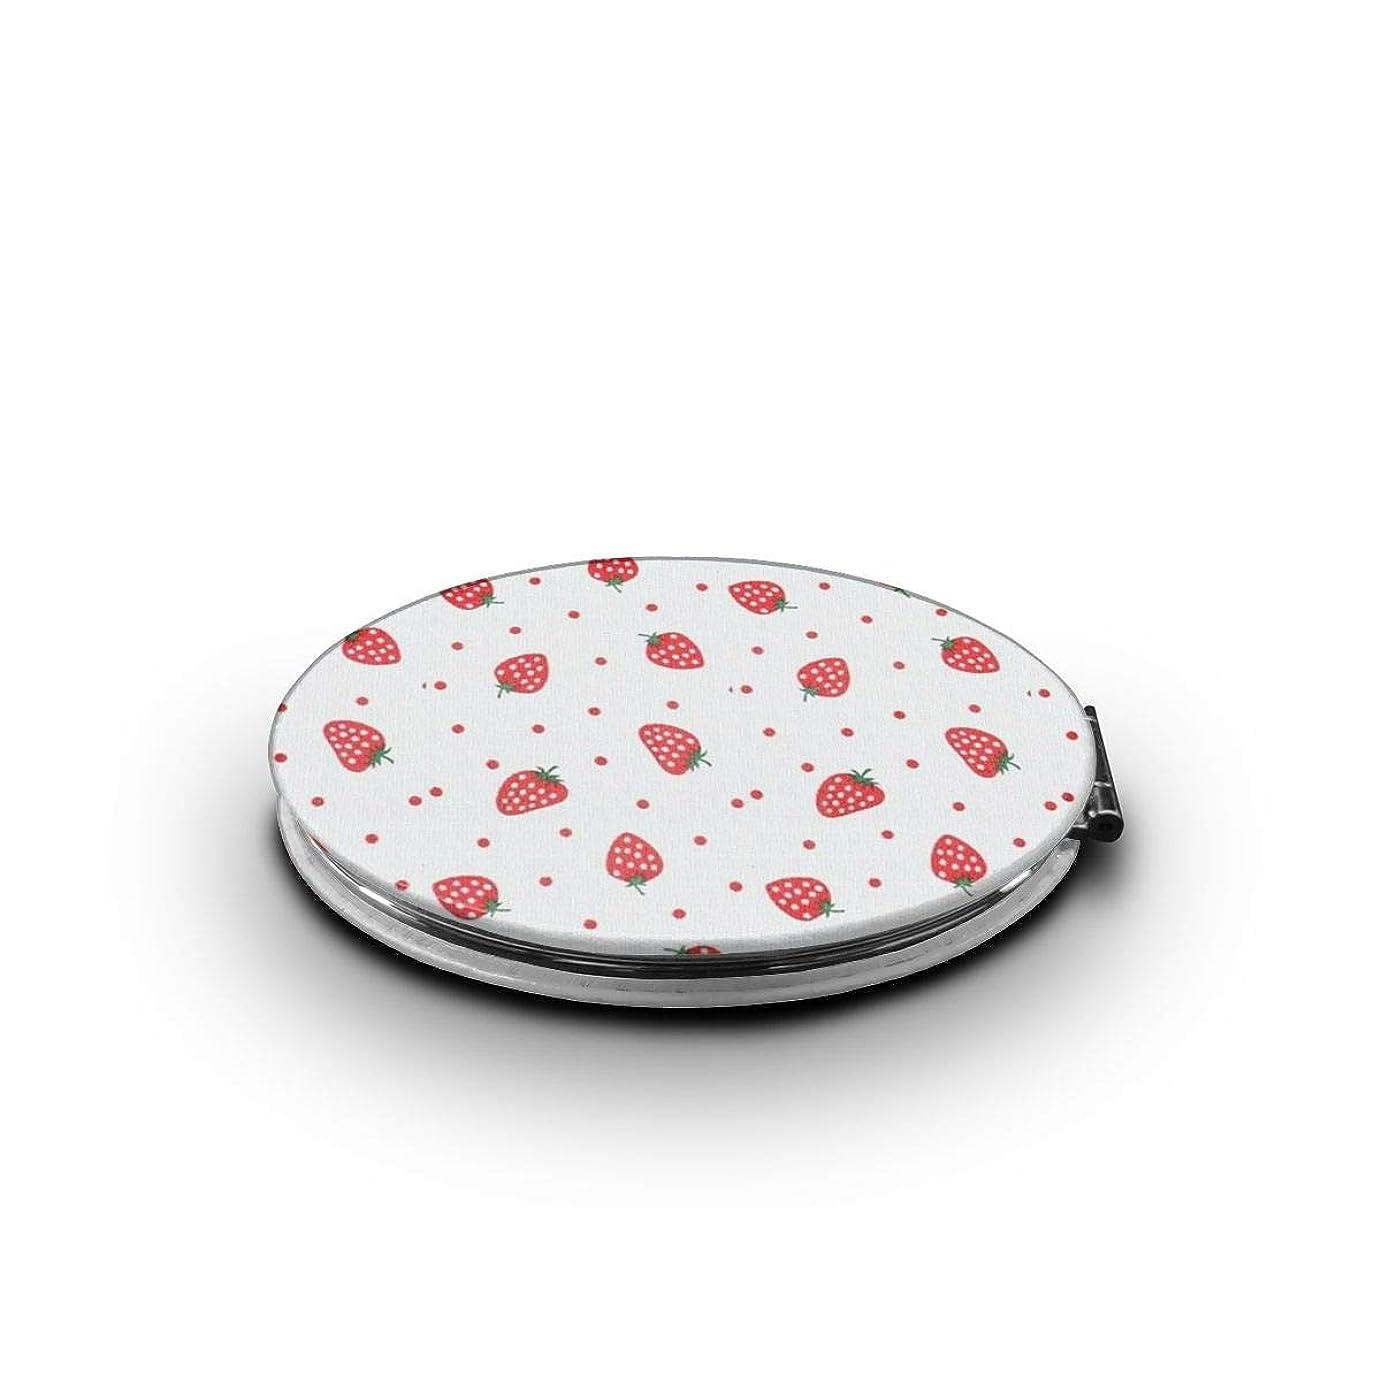 化粧鏡 赤苺 折りたたみ 自由 角度調整 180° 回転 女優ミラー 携帯用ミラー コンパクトコンパクト ミラー